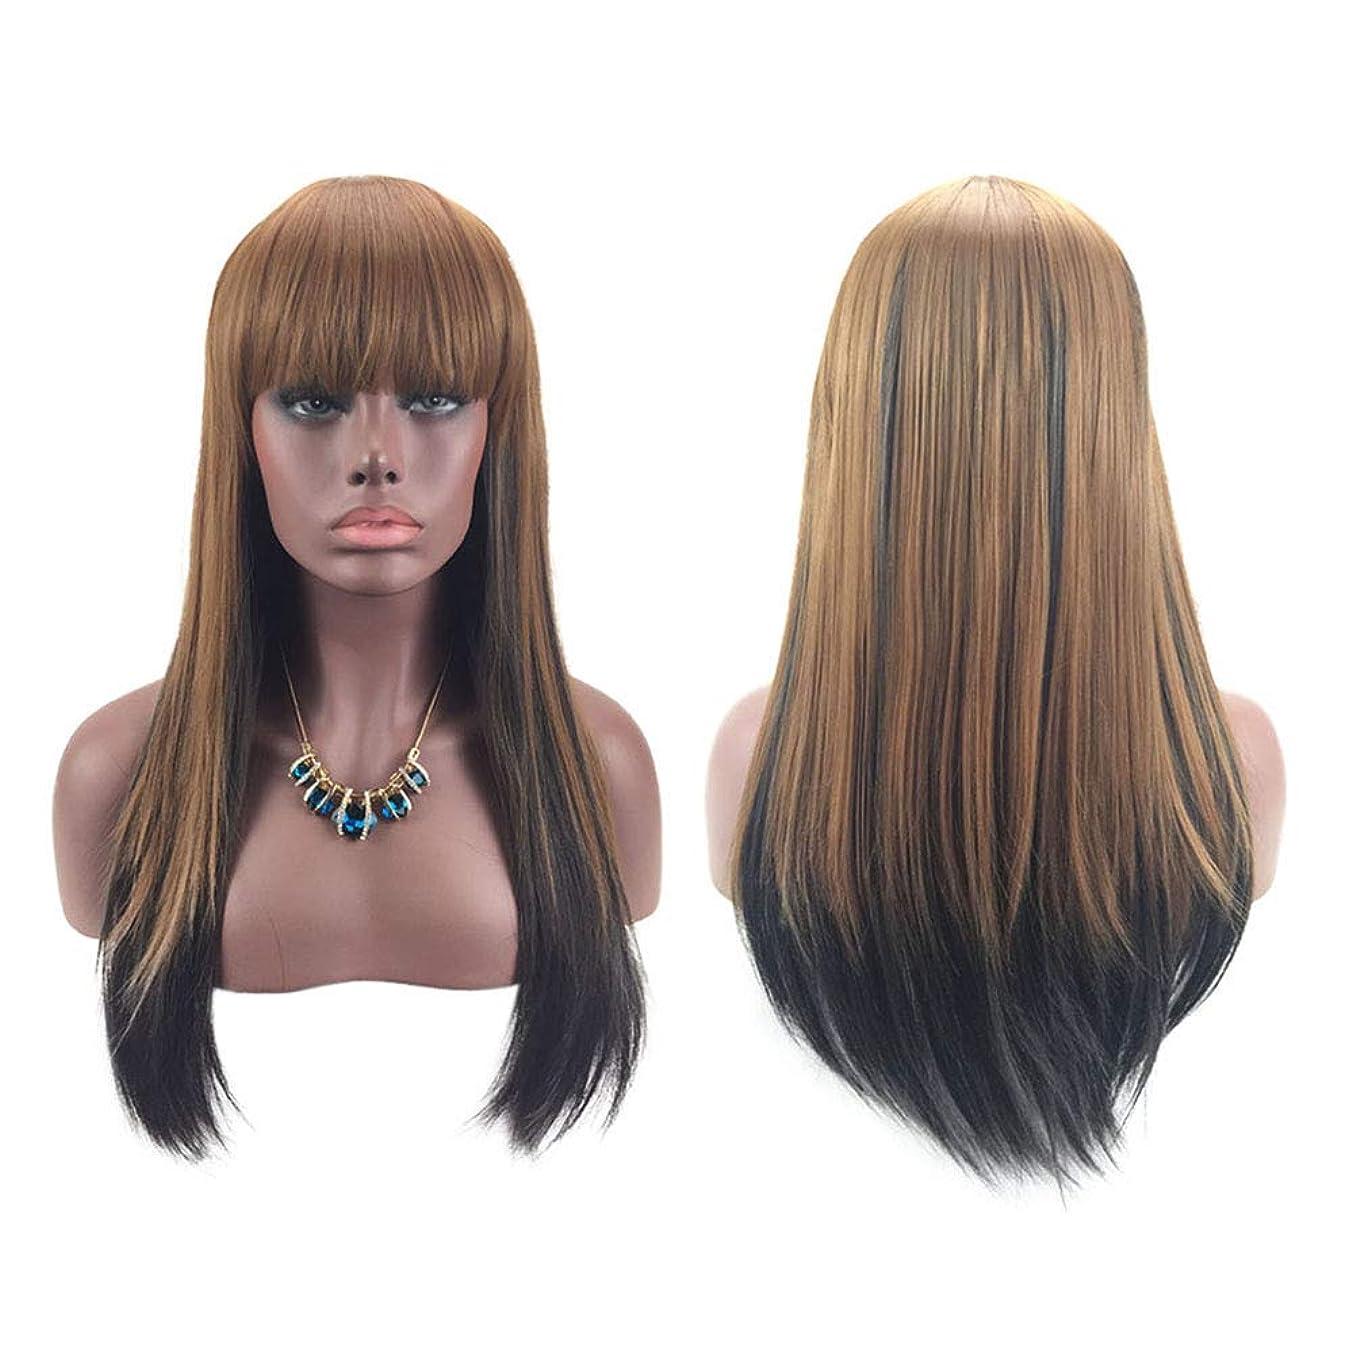 拡散するキルス菊女性ファッションロングストレートヘアウィッグ自然に見える絶妙な弾性ネットウィッグカバー(OM-3509)